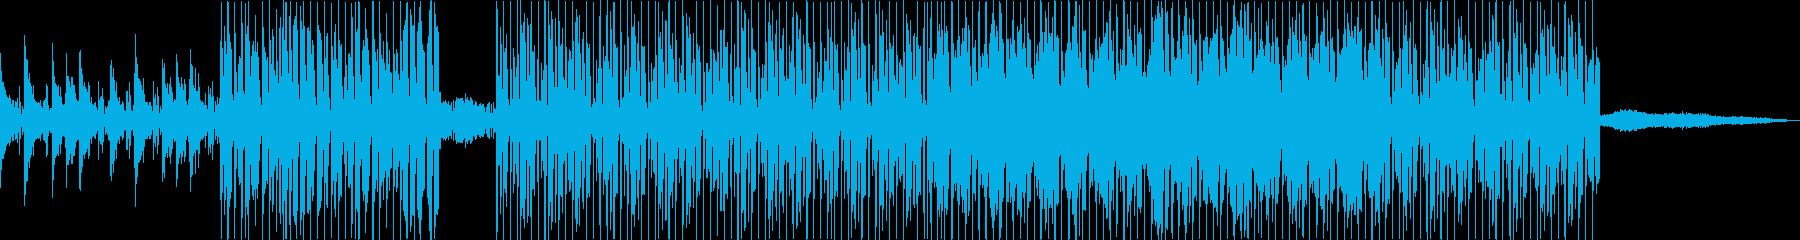 ピアノを中心にした前向きで明るいBGMの再生済みの波形